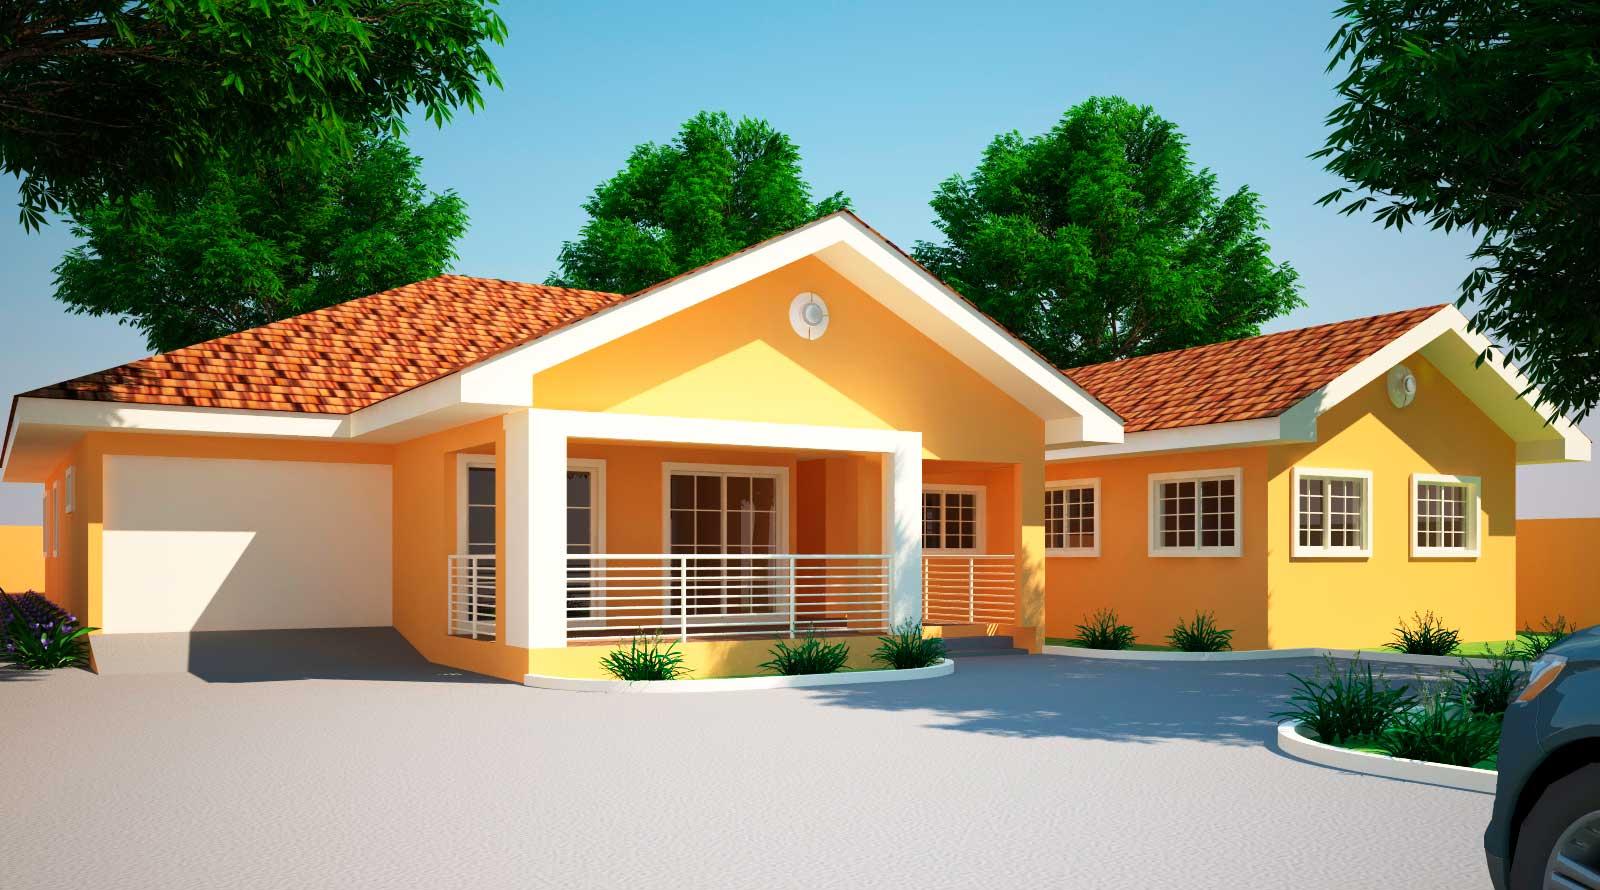 House Plans Ghana Jonat Bedroom Plan House Plans 2042